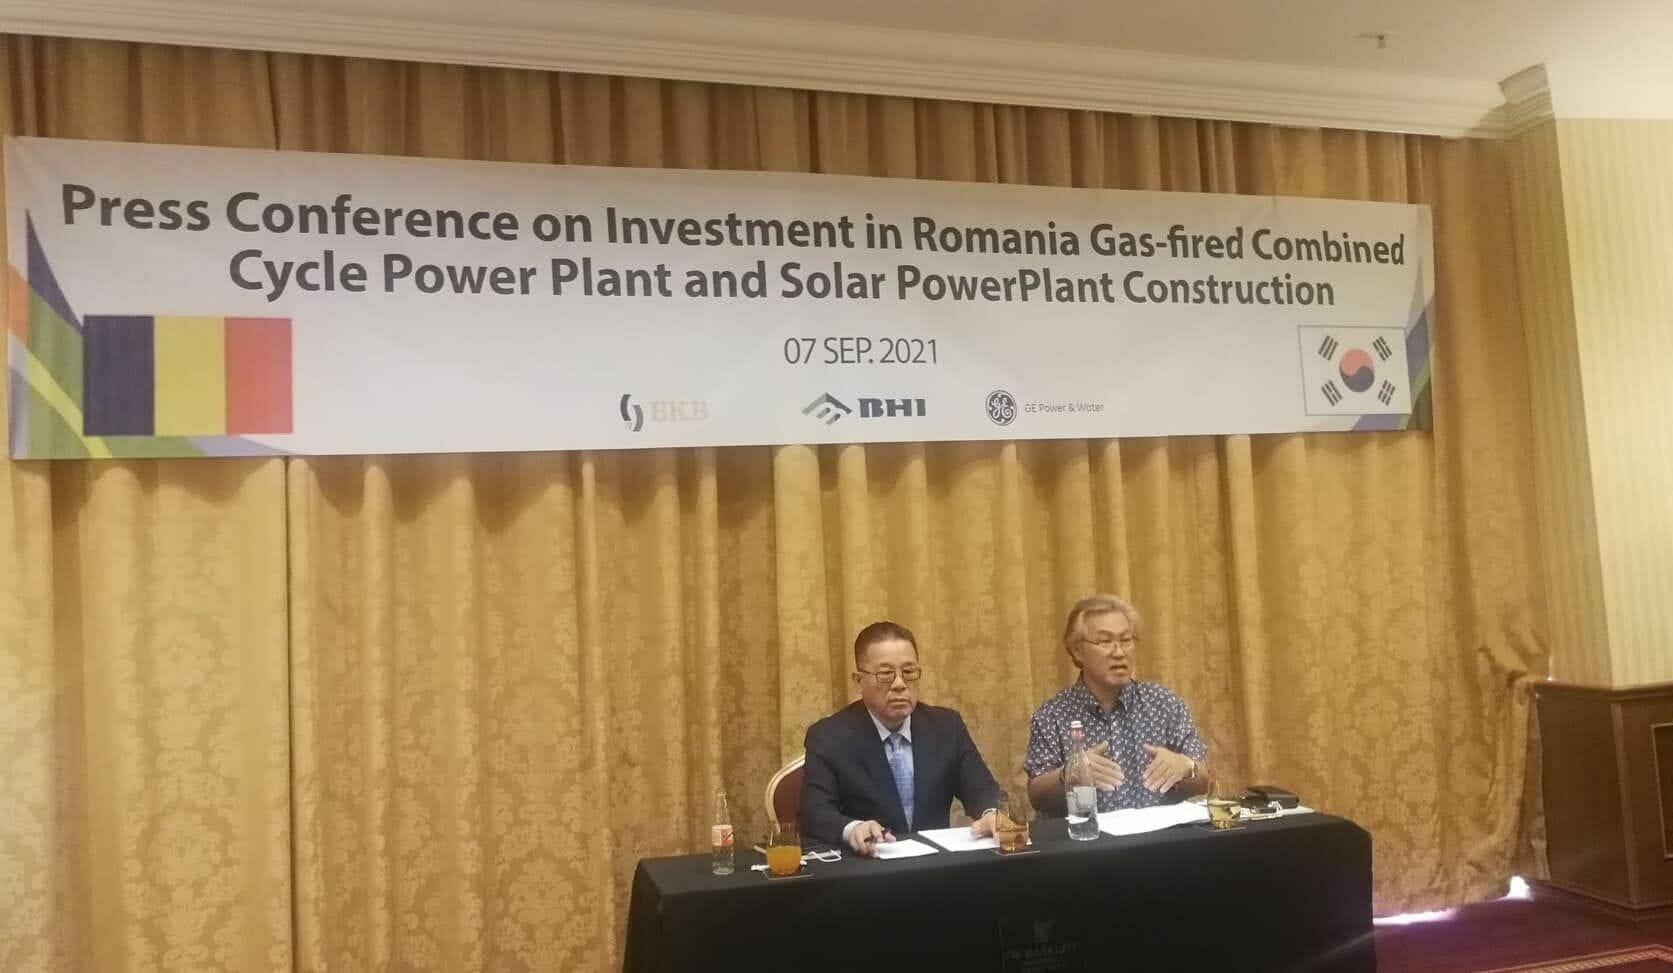 Grupul de firme sud-coreene BKB Energy, Hyunday Power Systems şi AKEDA vor să investească 1,3 miliarde de dolari la termocentrala Mintia, unde ar urma să construiască o centrală pe gaze de 1.000 MW